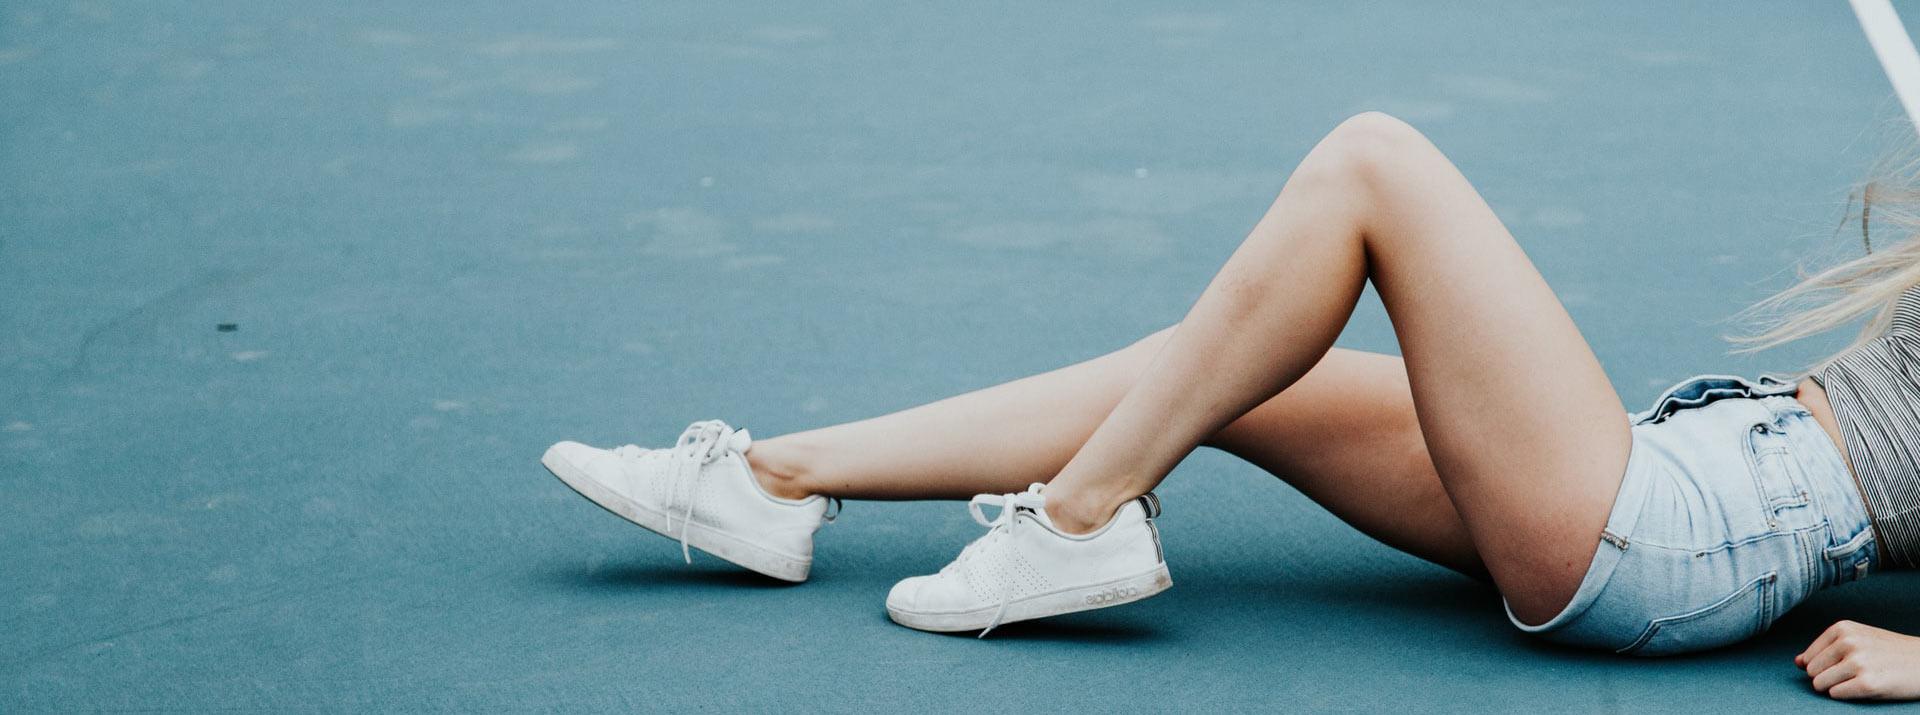 Здоровые вены, Счастливые ноги!